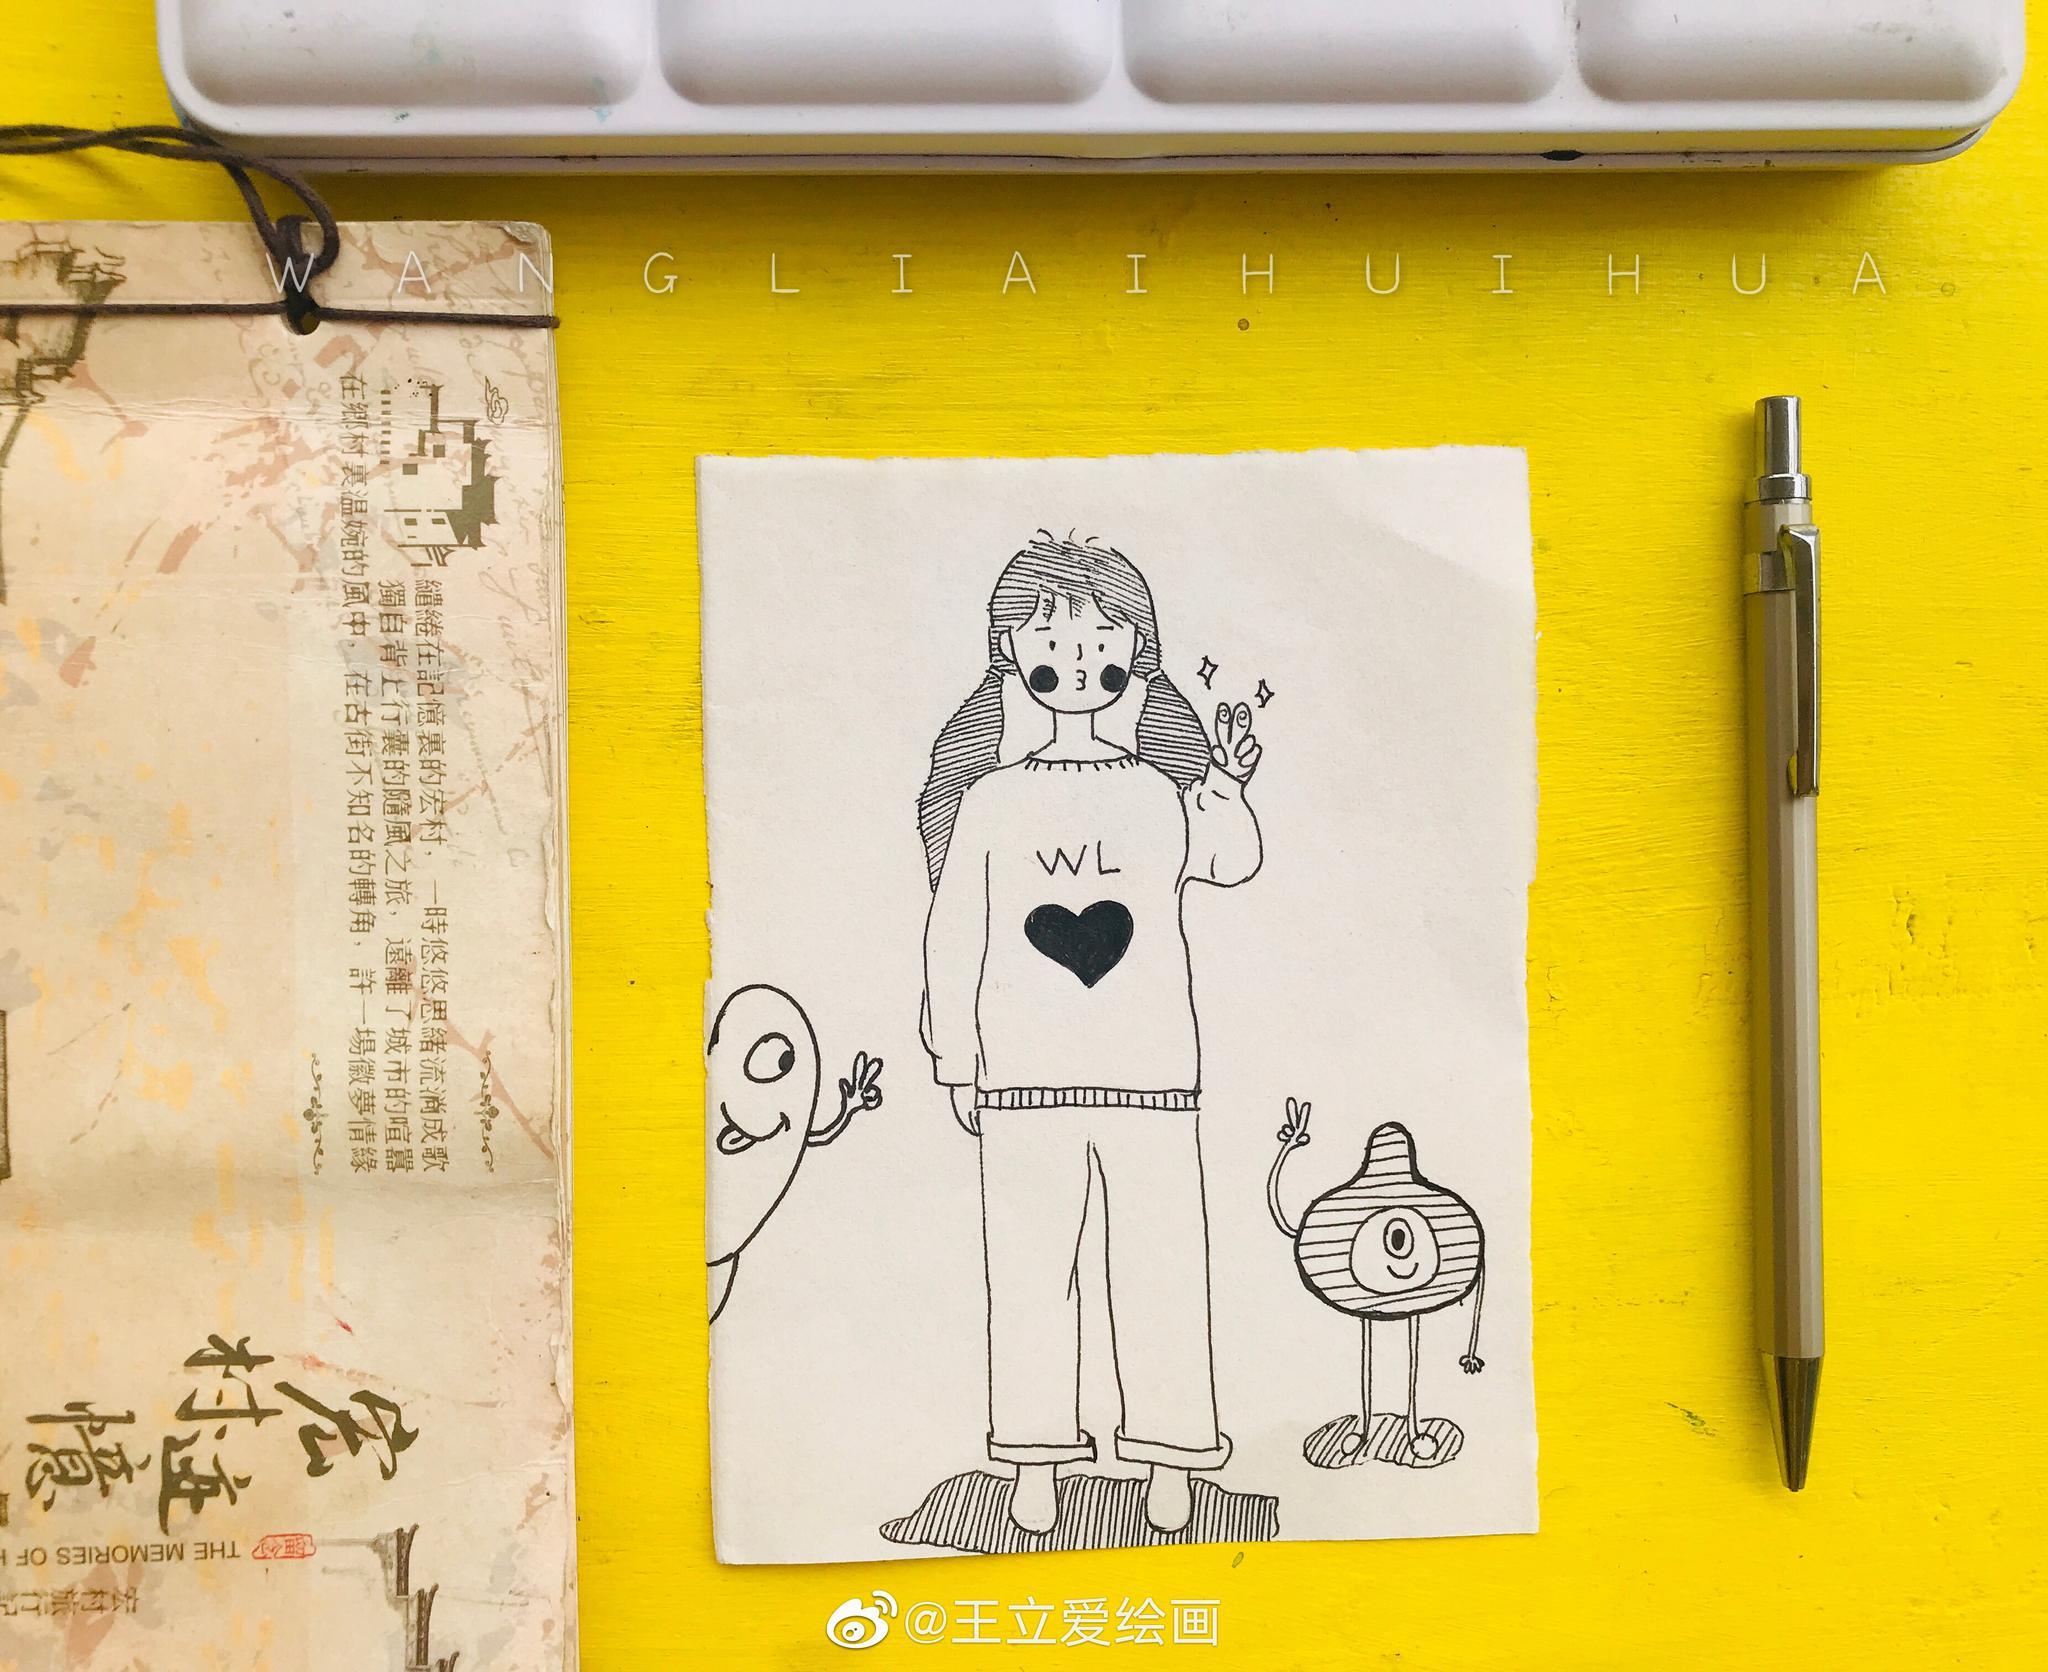 女孩与怪兽,也可以这样画 @王立爱绘画